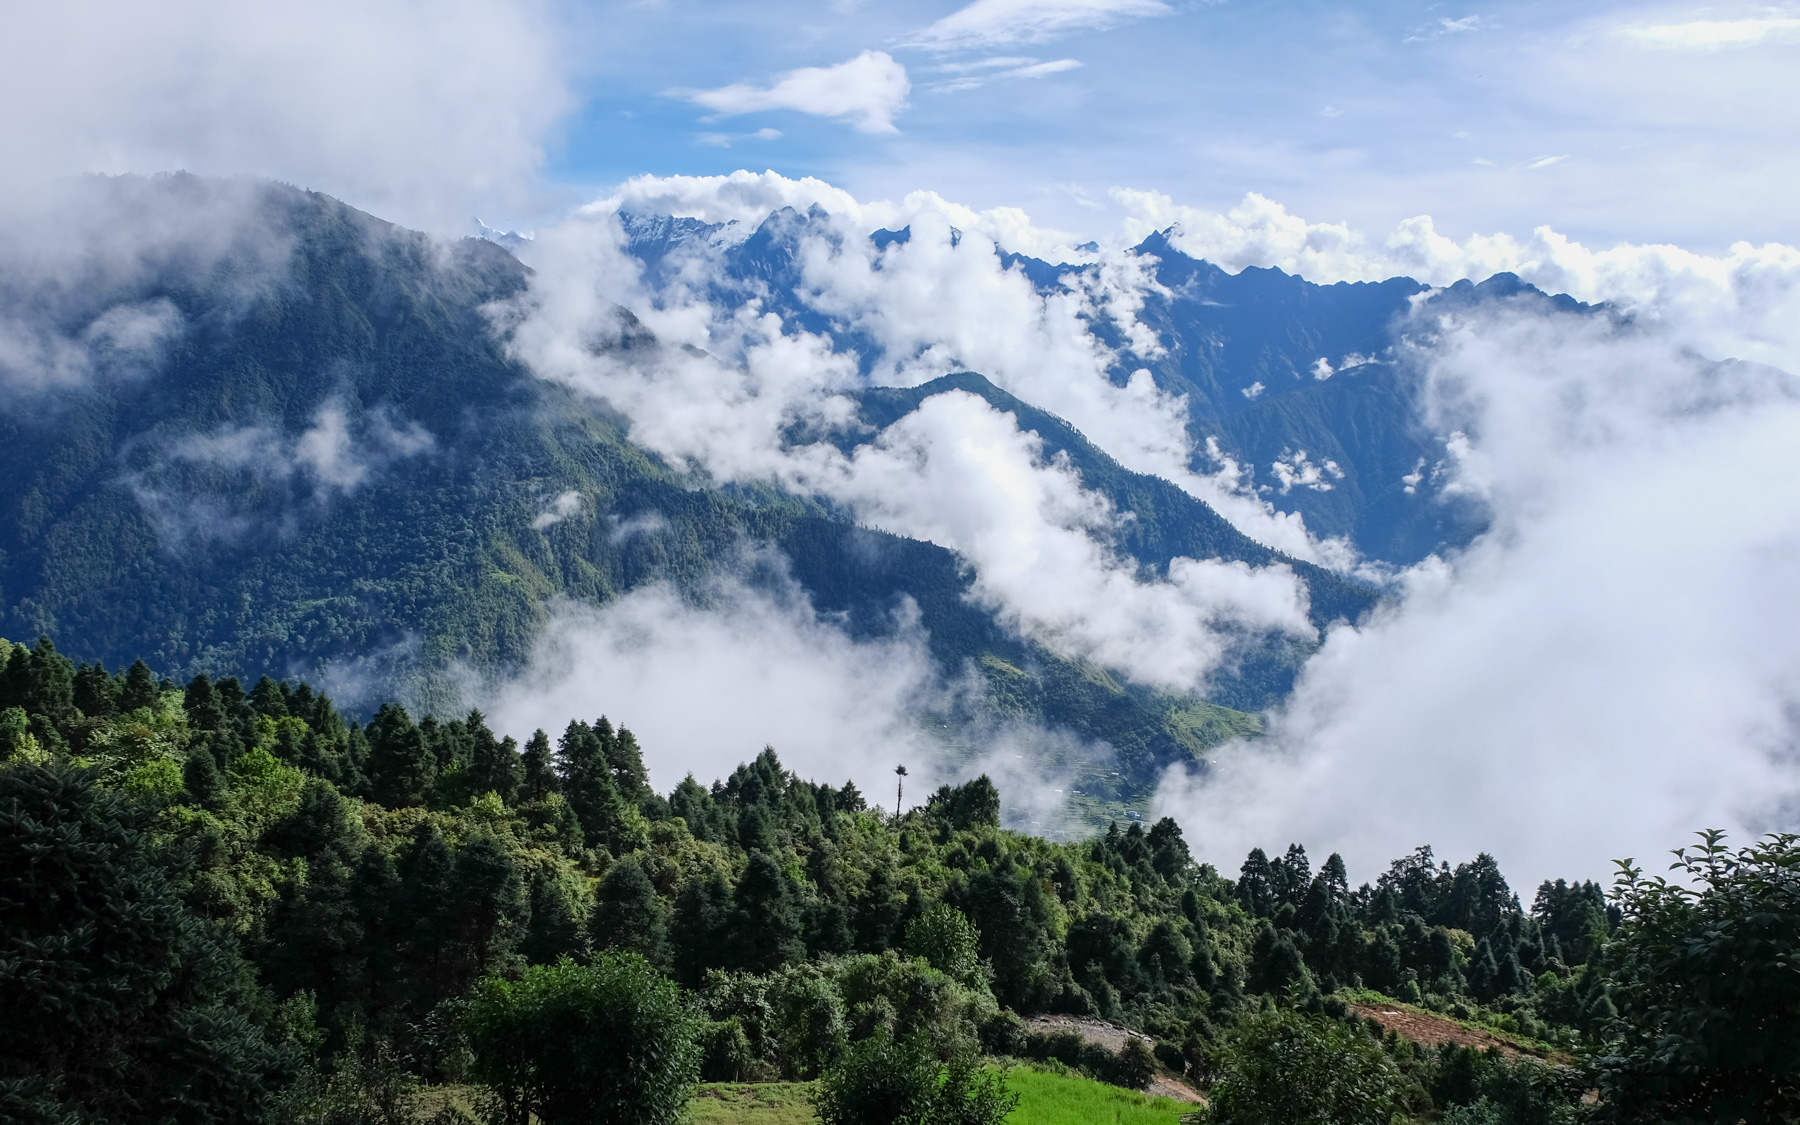 Route du Khumbu, Everest 3 pass #1 12